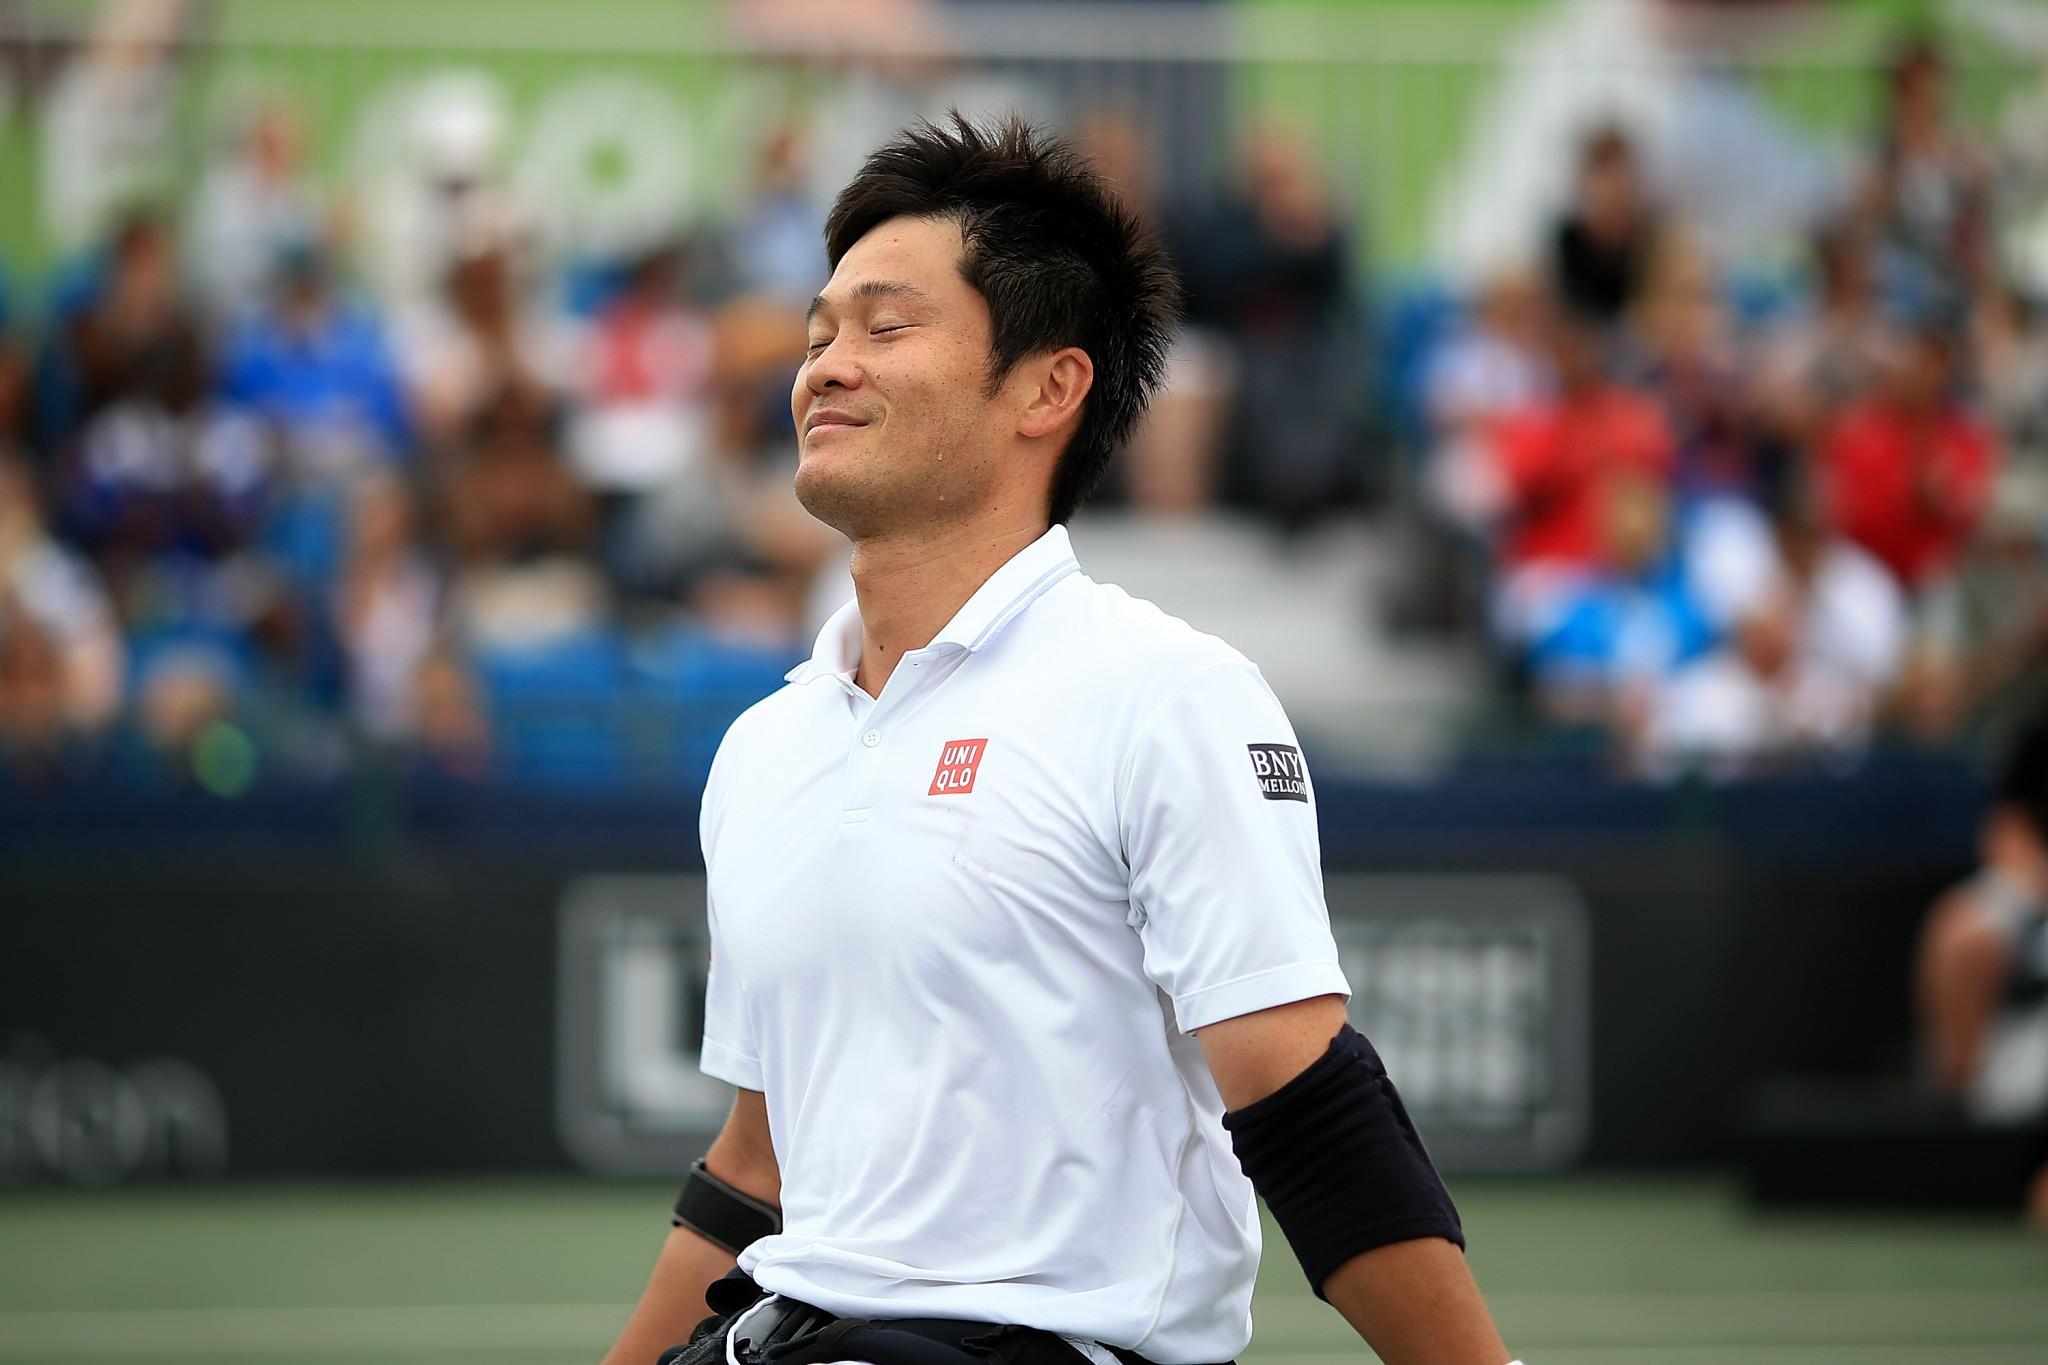 Kunieda progress to men's wheelchair tennis singles semi-finals at US Open